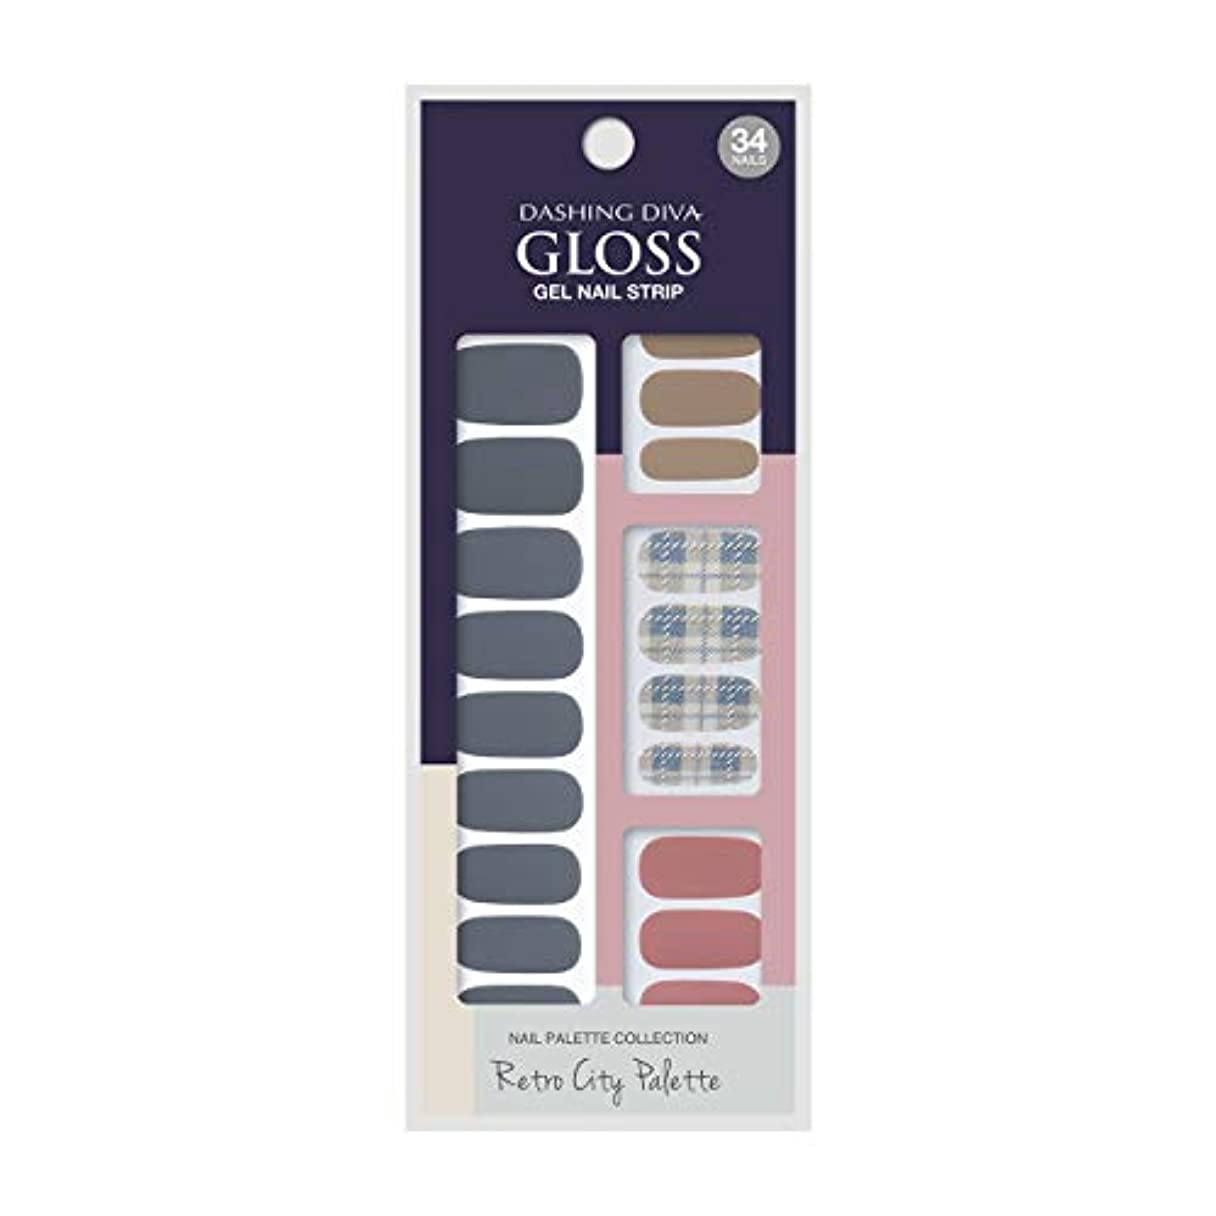 肉のシットコムメールダッシングディバ グロスジェル ネイルストリップ DASHING DIVA Gloss Gel Nail Strip GVP90 -DURY+ オリジナルジェル ネイルシール Blue Crayon